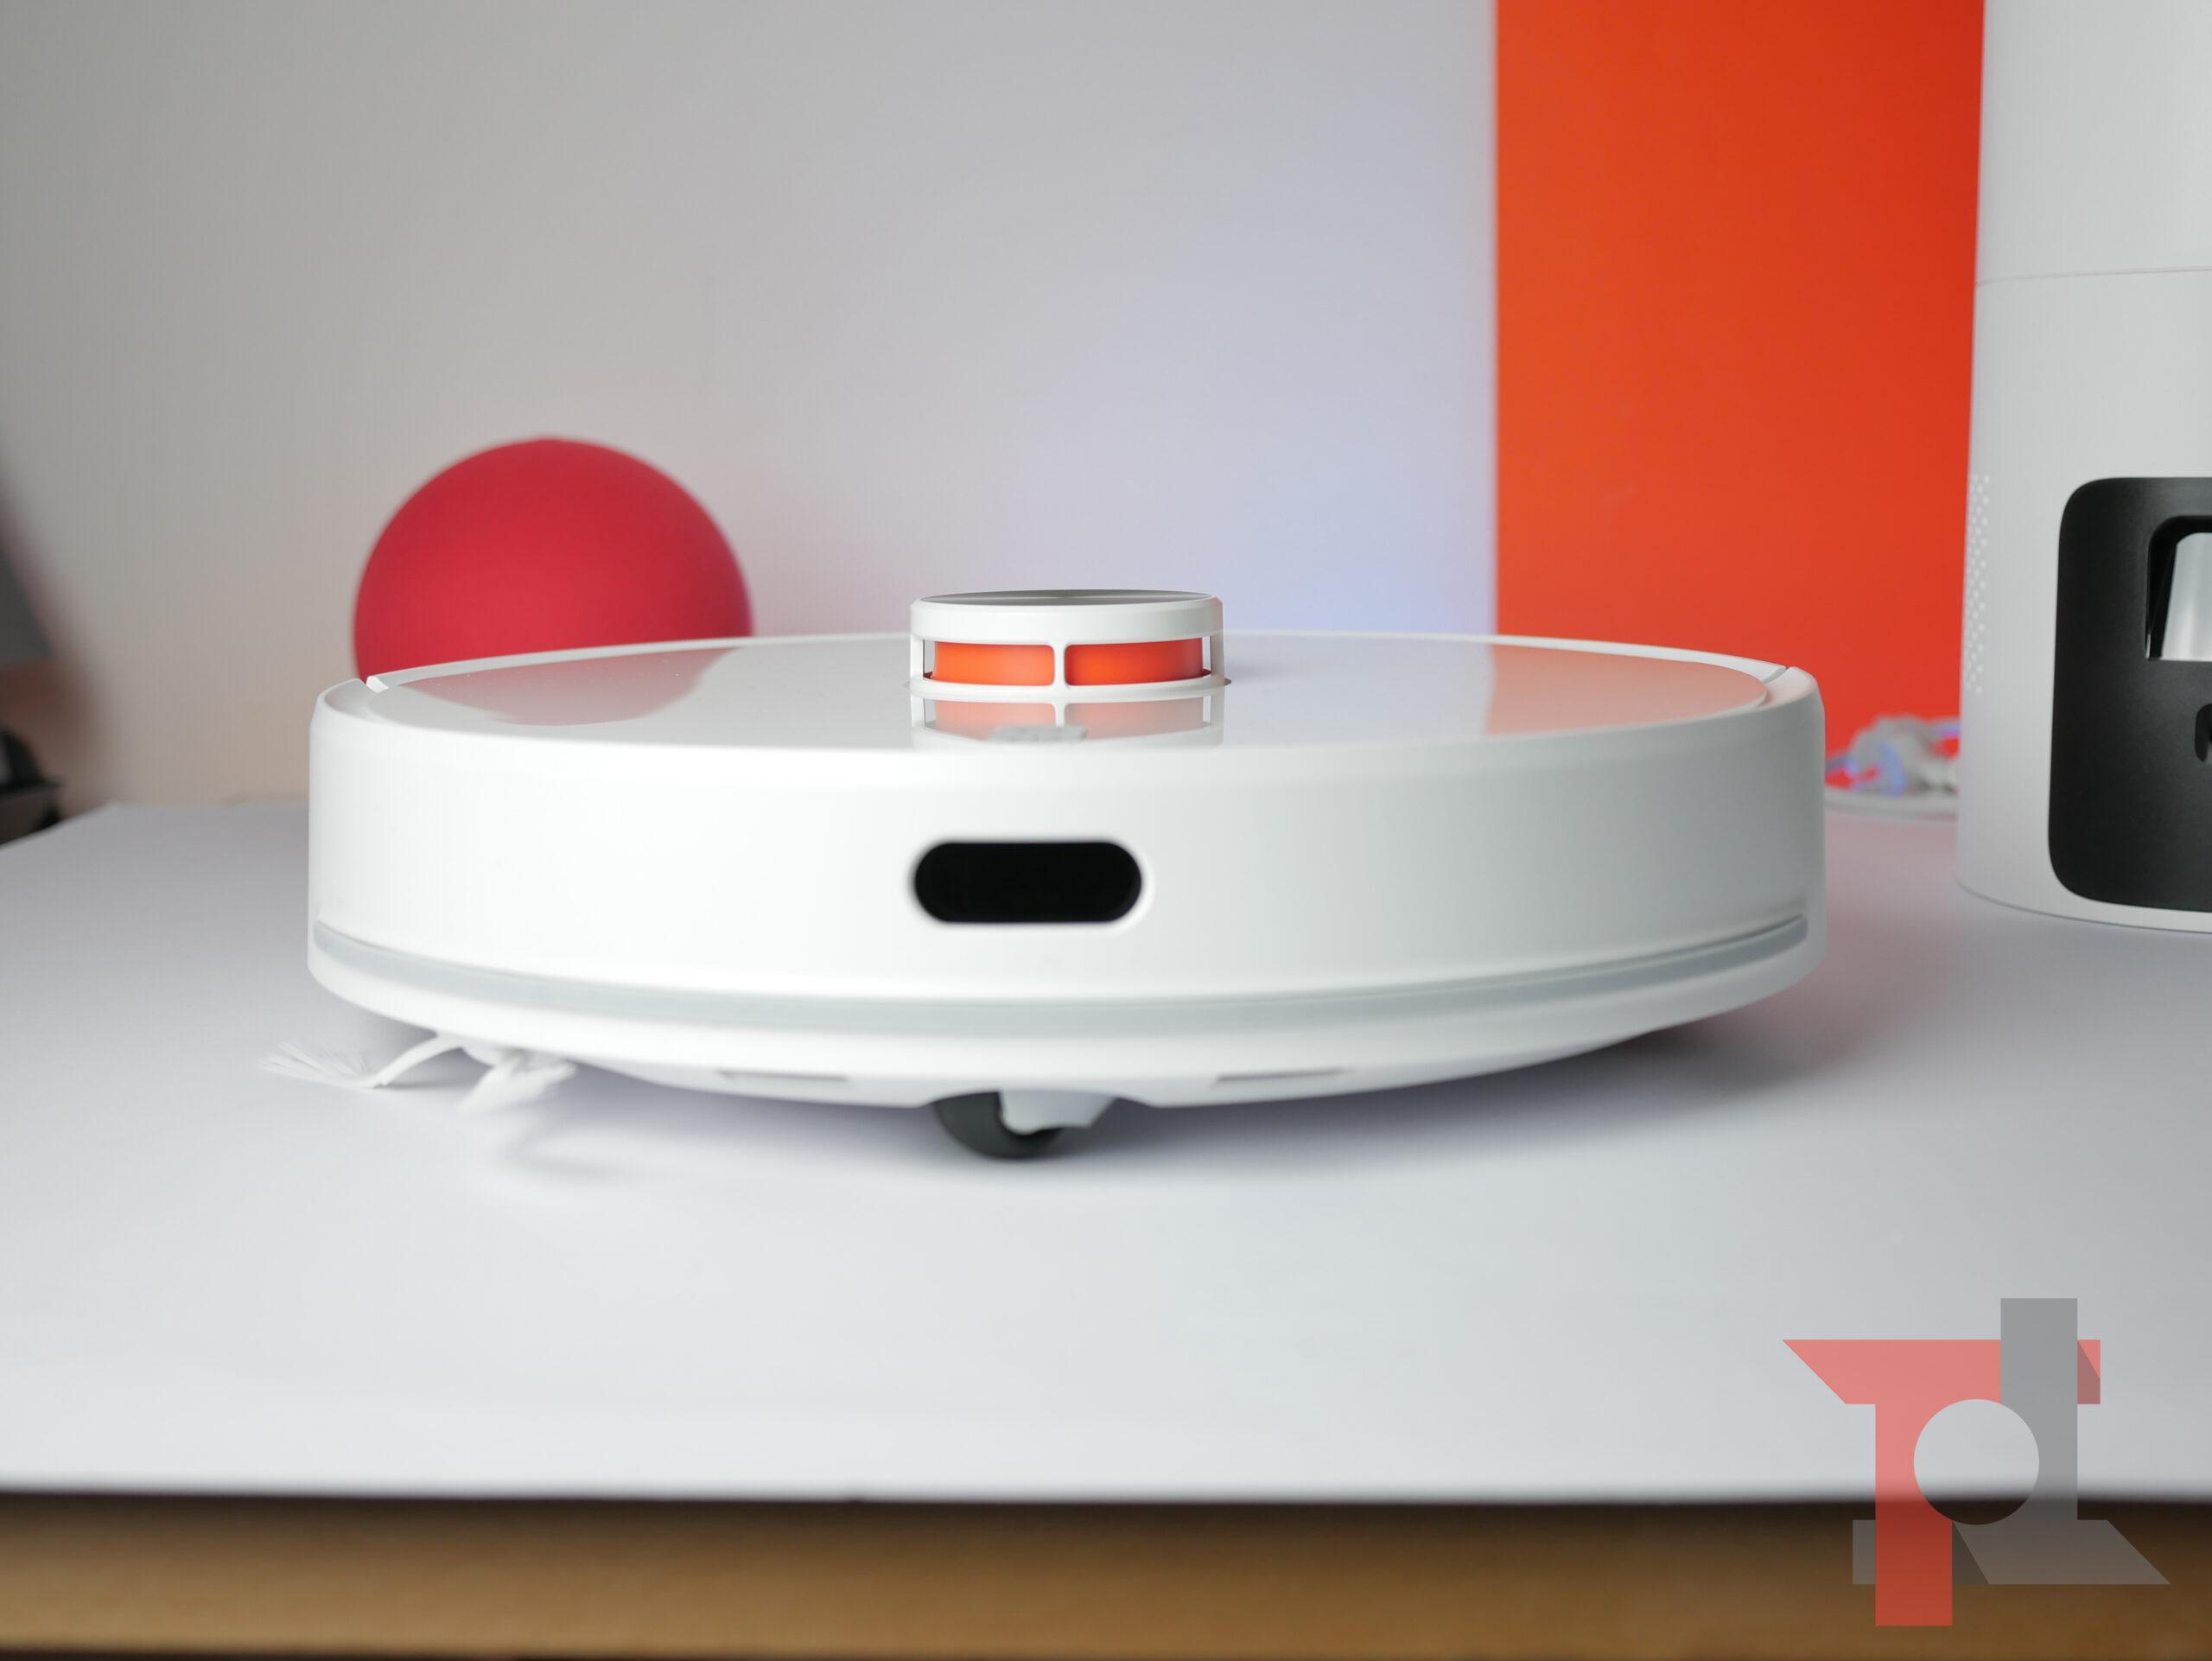 Lydsto R1: abbiamo provato il robot aspirapolvere che si pulisce da solo 10